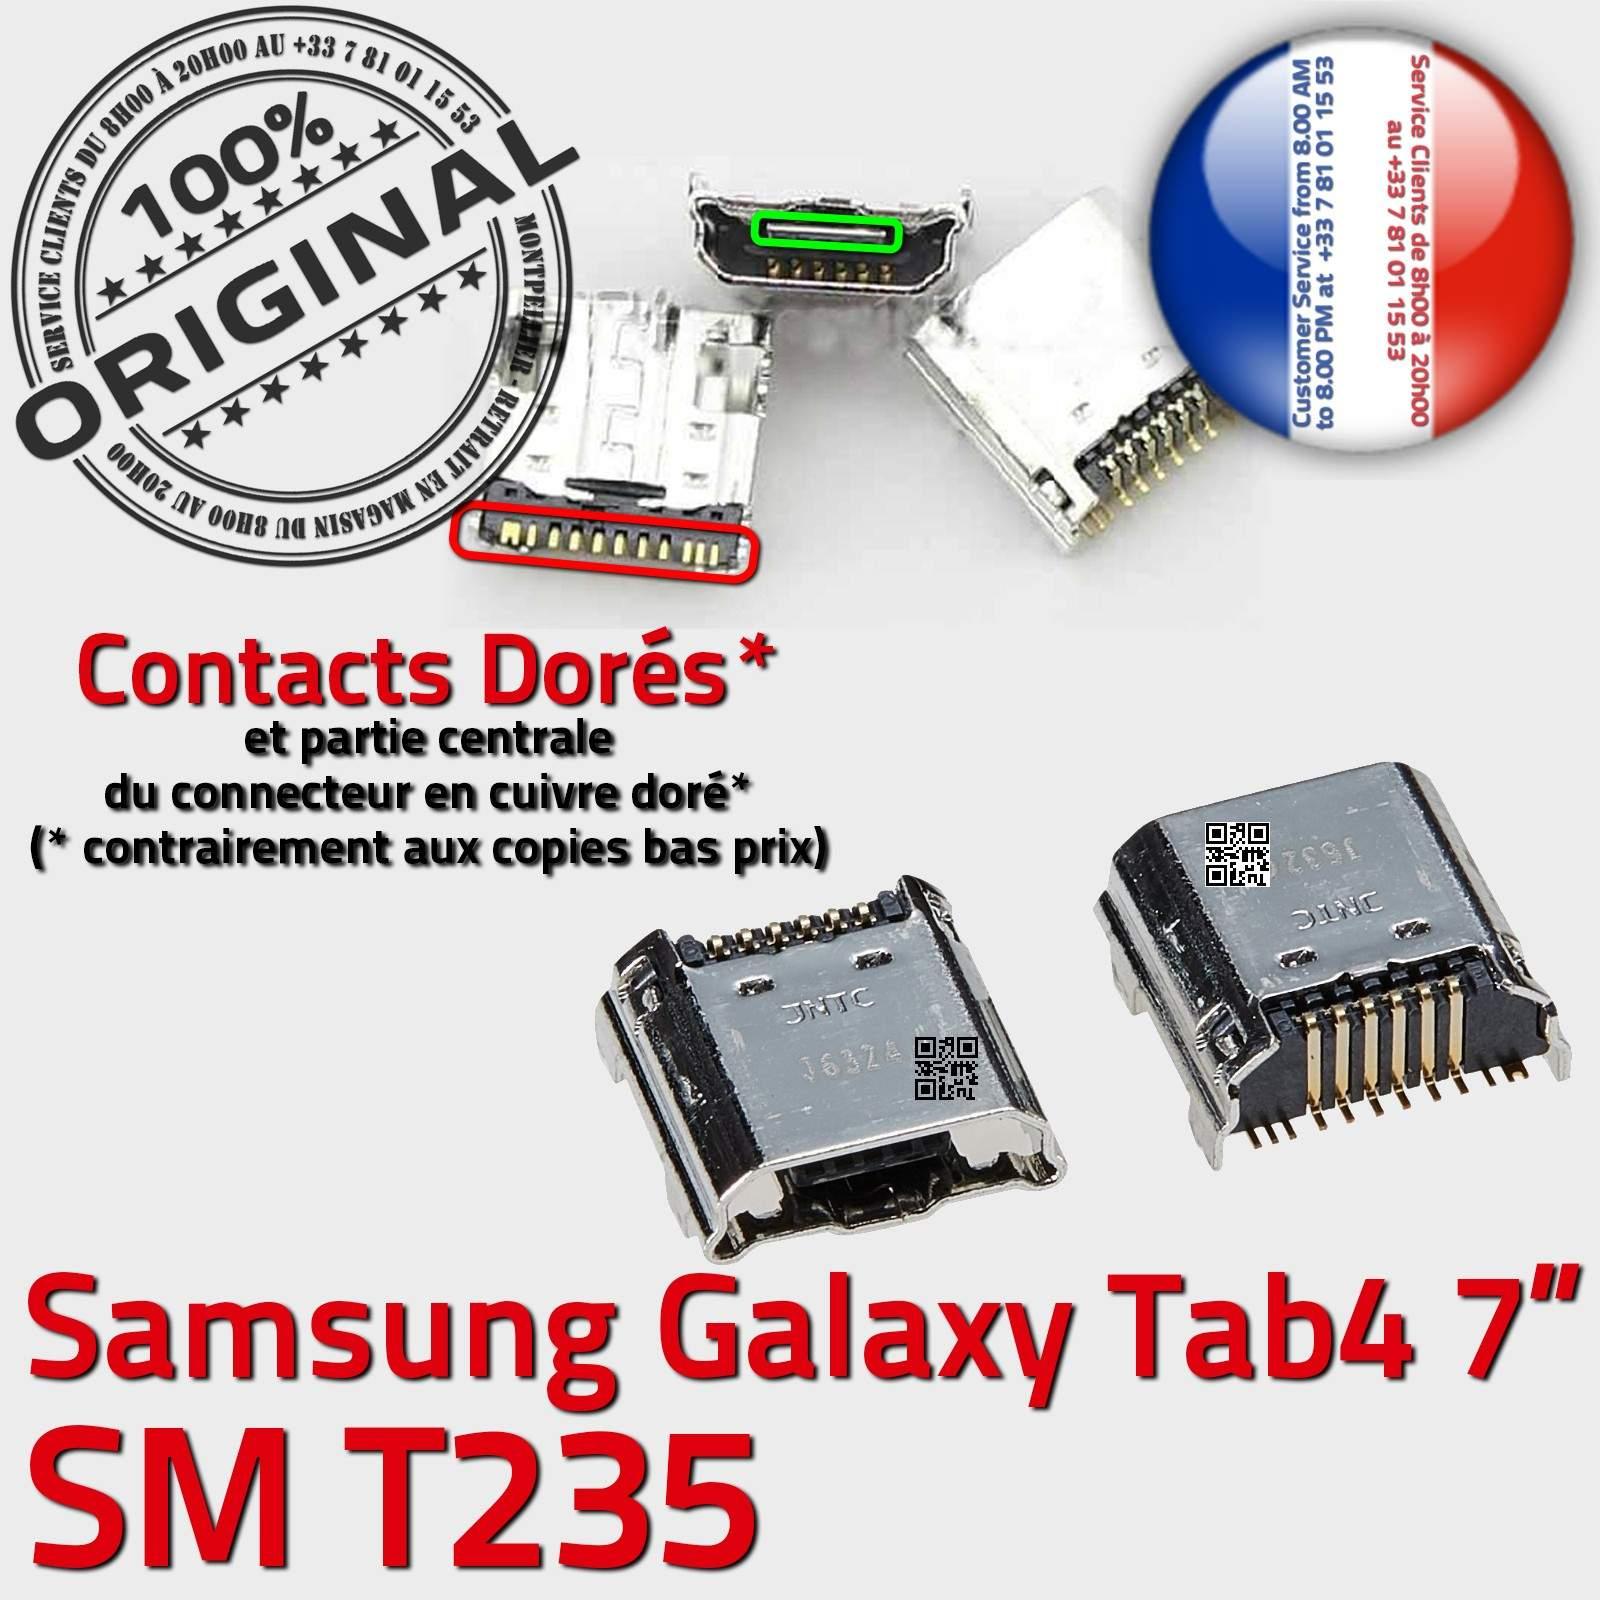 Connecteur d'ORIGINE Samsung Galaxy TABE SM T560 à souder